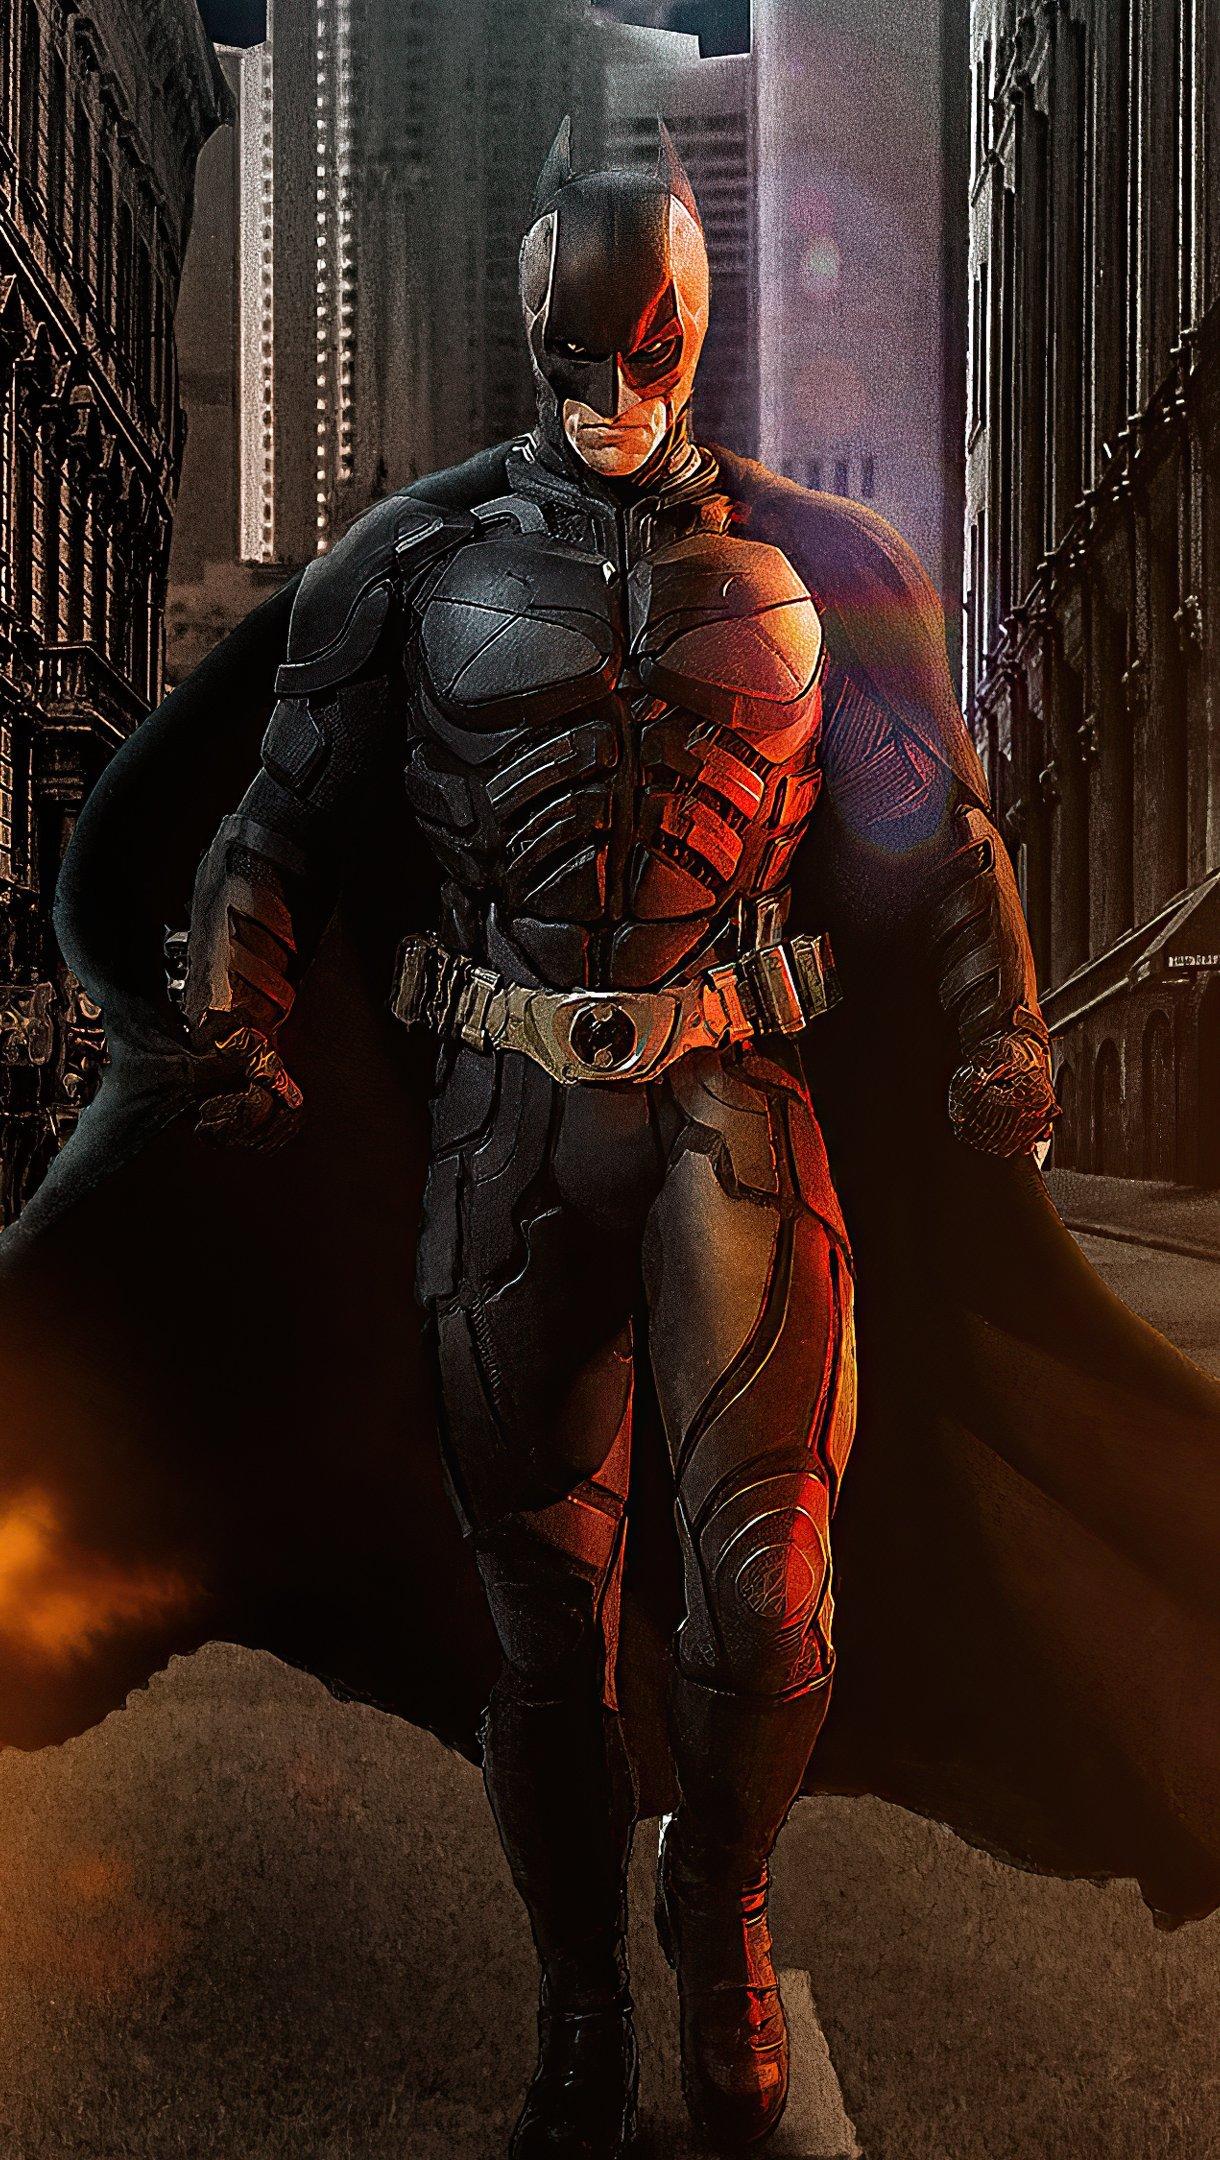 Fondos de pantalla Batman caminando Vertical